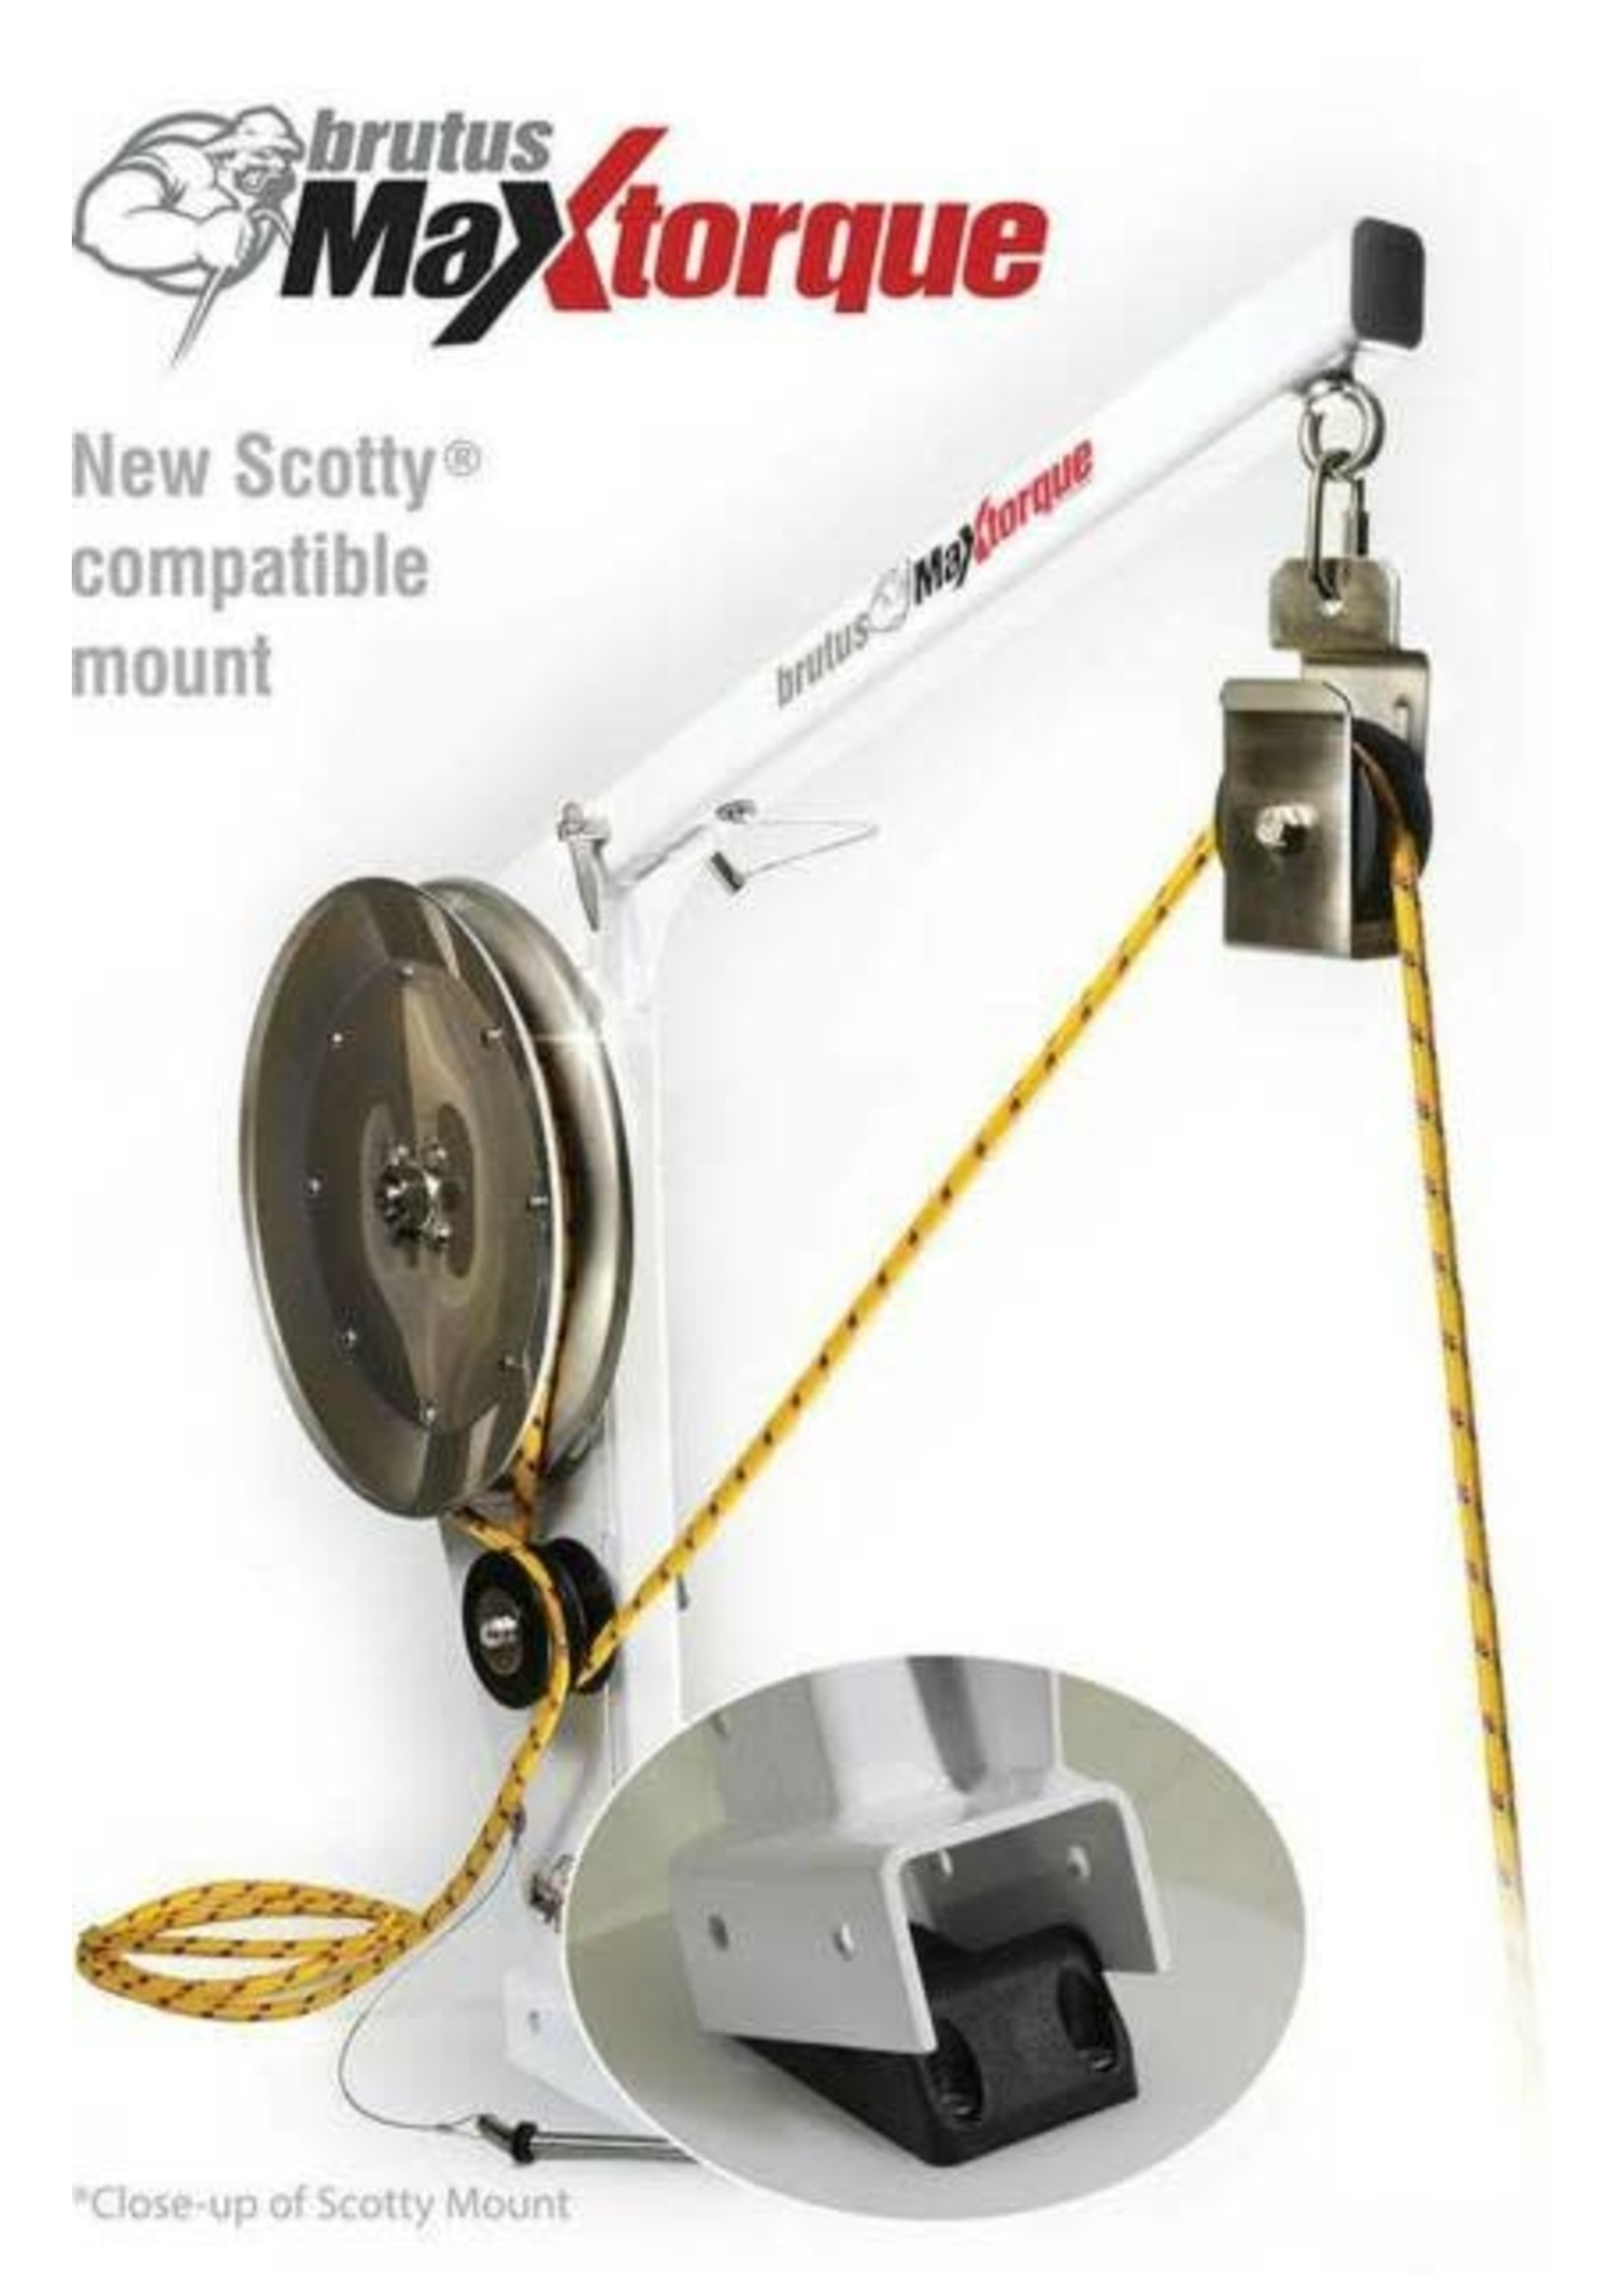 Ace Line Hauler Ace Line Hauler Pot Puller Scotty Mount